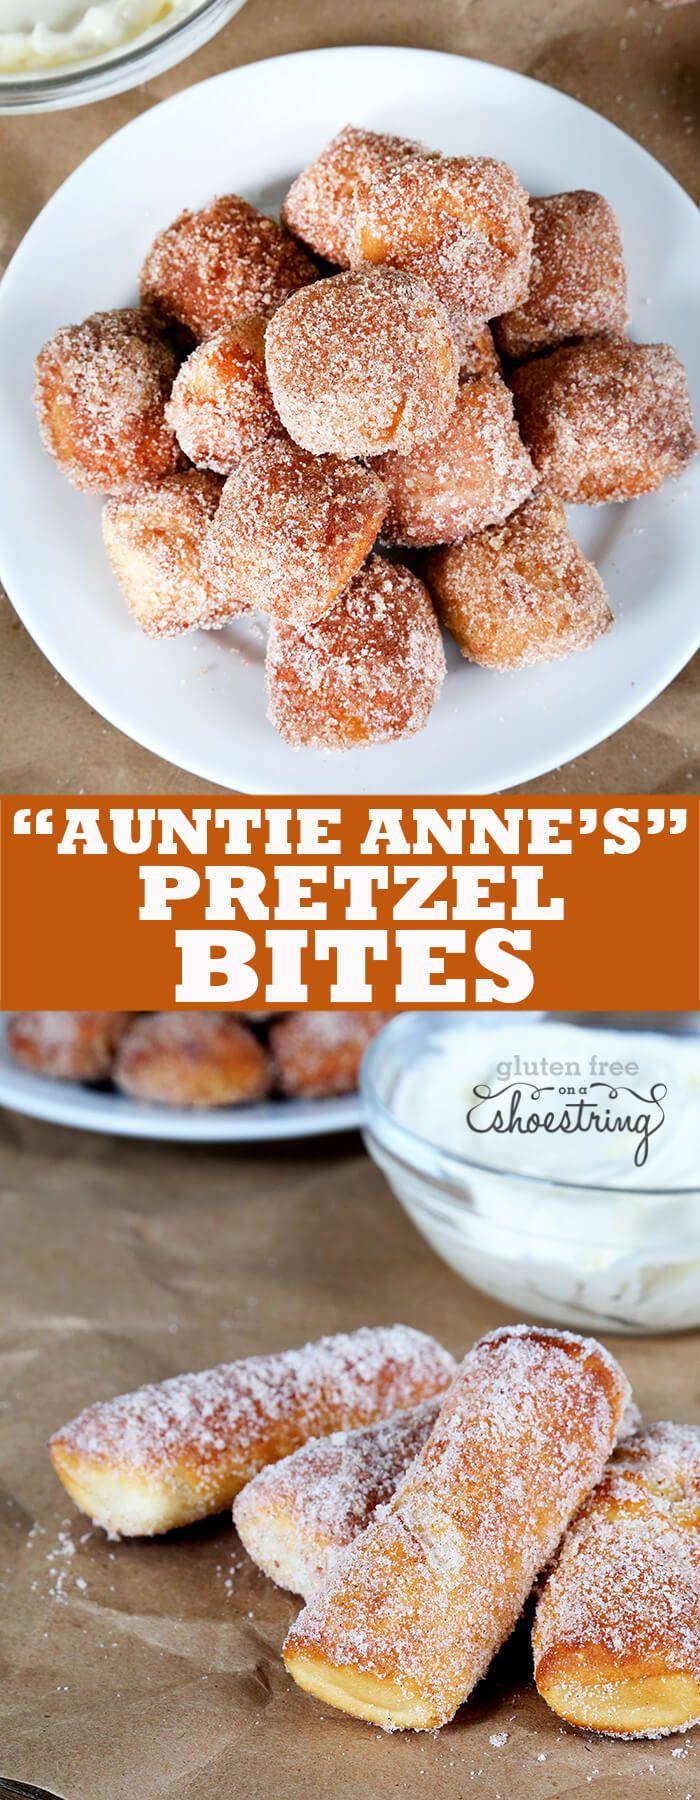 Gluten free cinnamon sugar gluten free soft pretzel bites just like Auntie Anne's—with sweet glaze. Get your Auntie Anne's back! http://glutenfreeonashoestring.com/auntie-annes-style-gluten-free-soft-pretzel-bites-cinnamon-sugar/